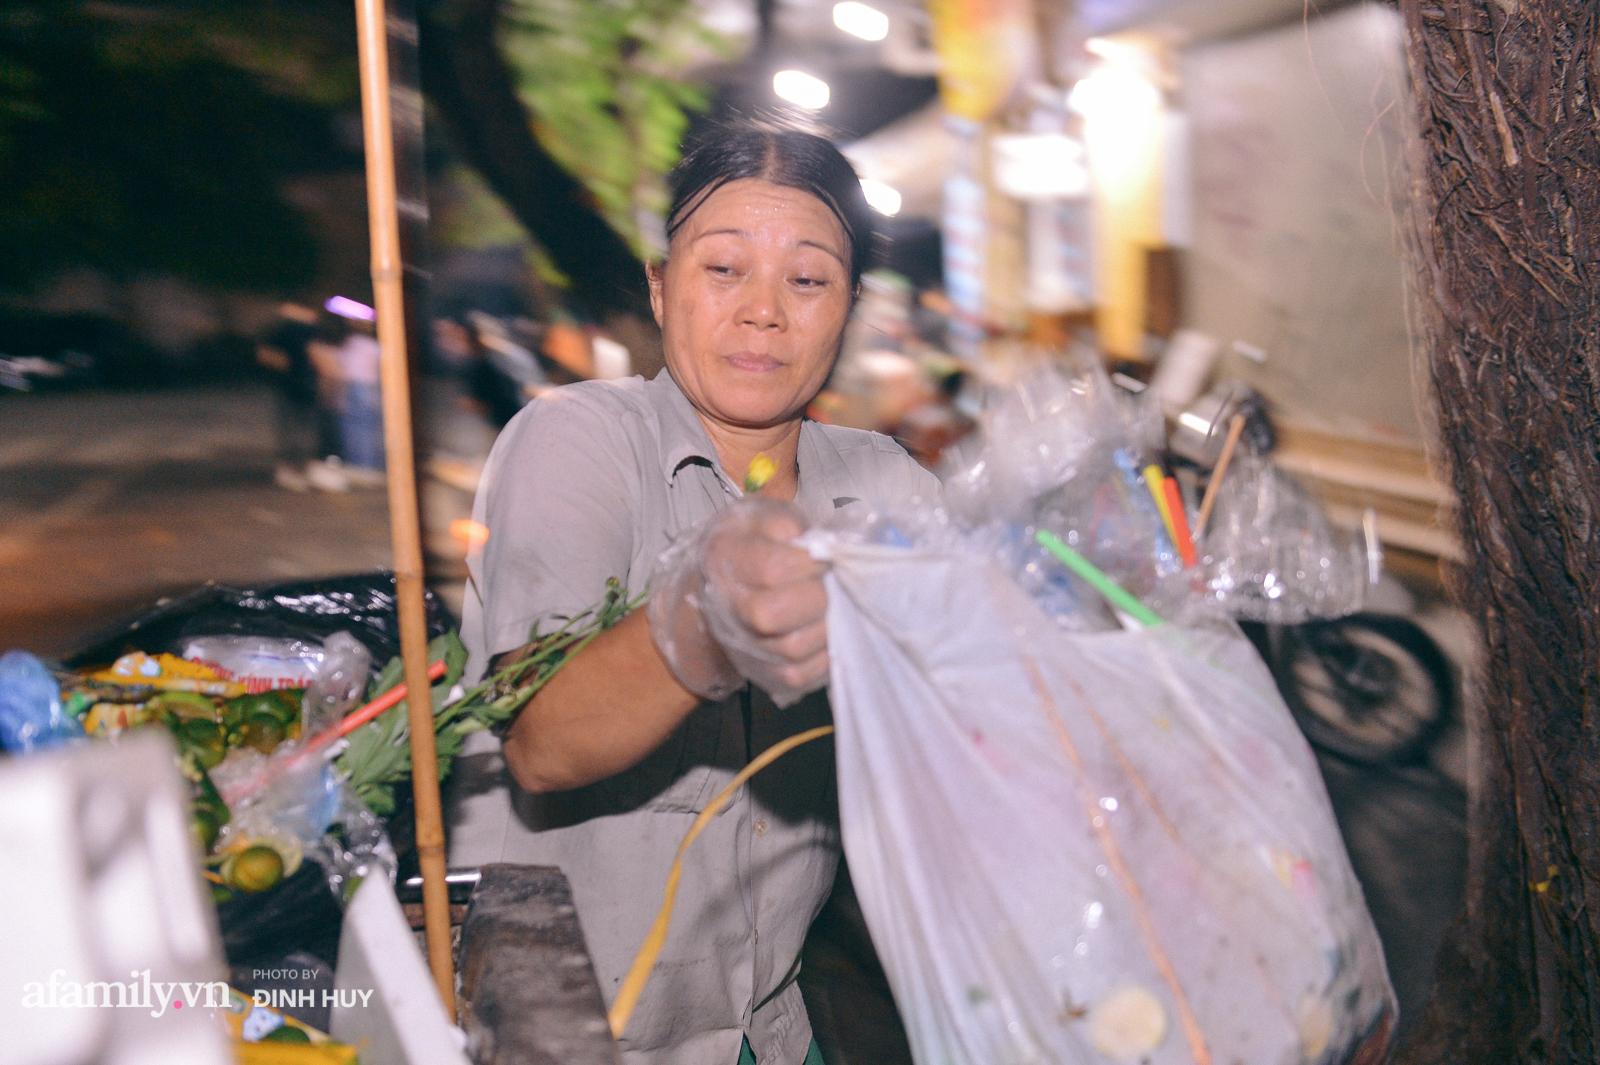 Đêm Trung thu chìm trong rác thải của cô công nhân vệ sinh trên phố cổ - Ảnh 3.